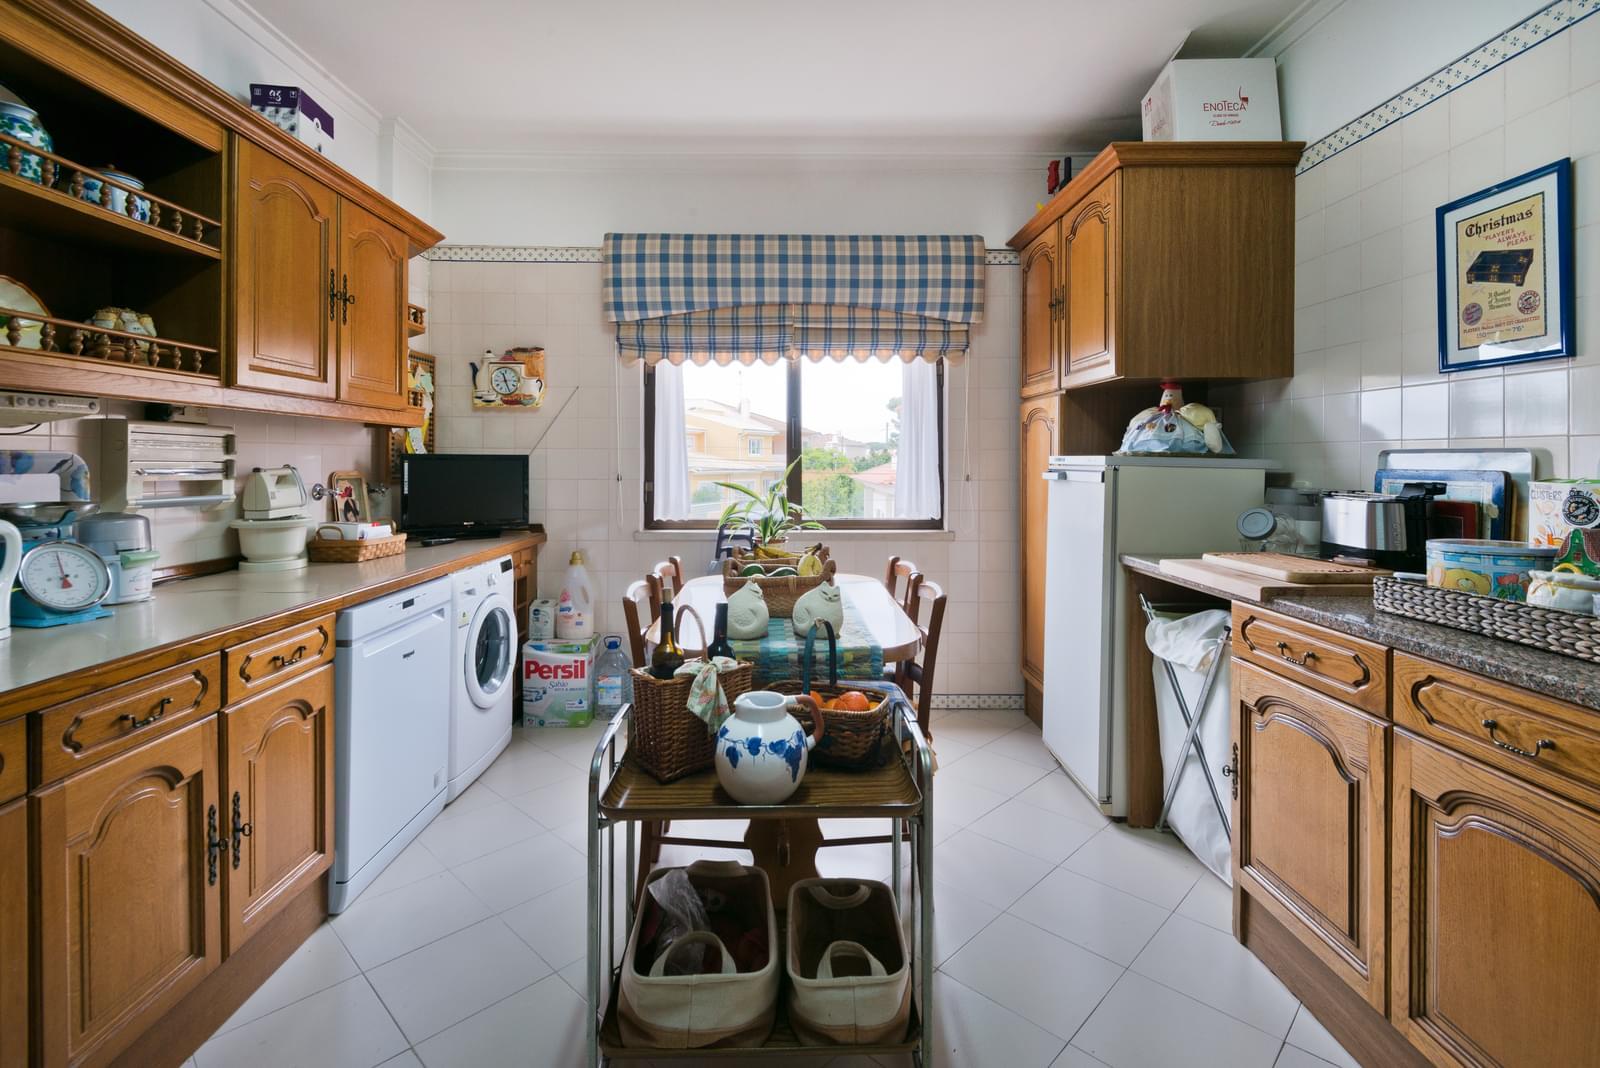 pf16968-apartamento-t3-cascais-40810413-cc14-4f4b-8bb3-4980bc4b7c96